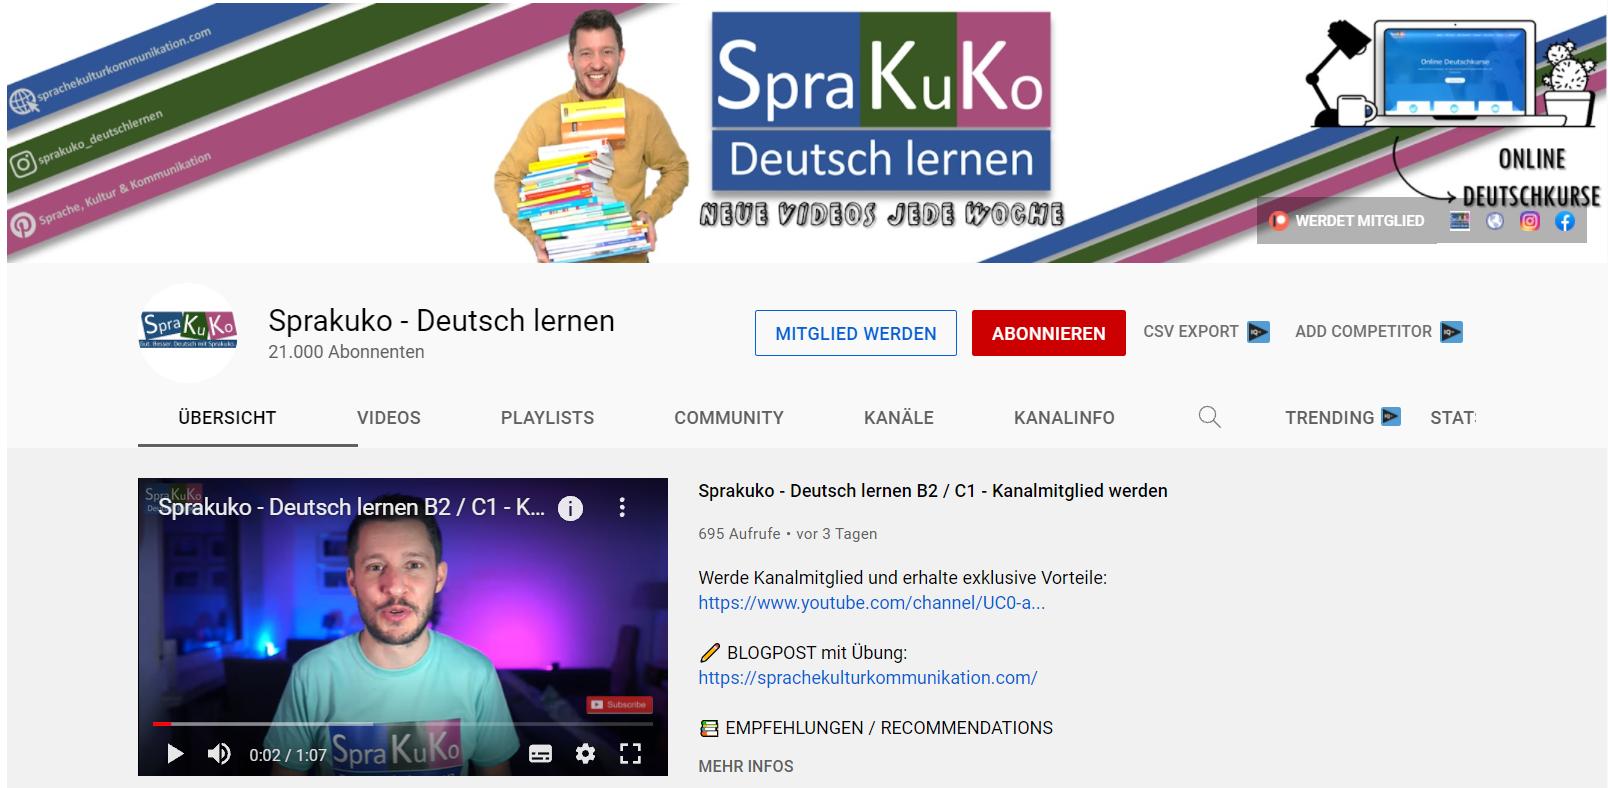 Mit Youtube Deutsch lernen  - Sprakuko